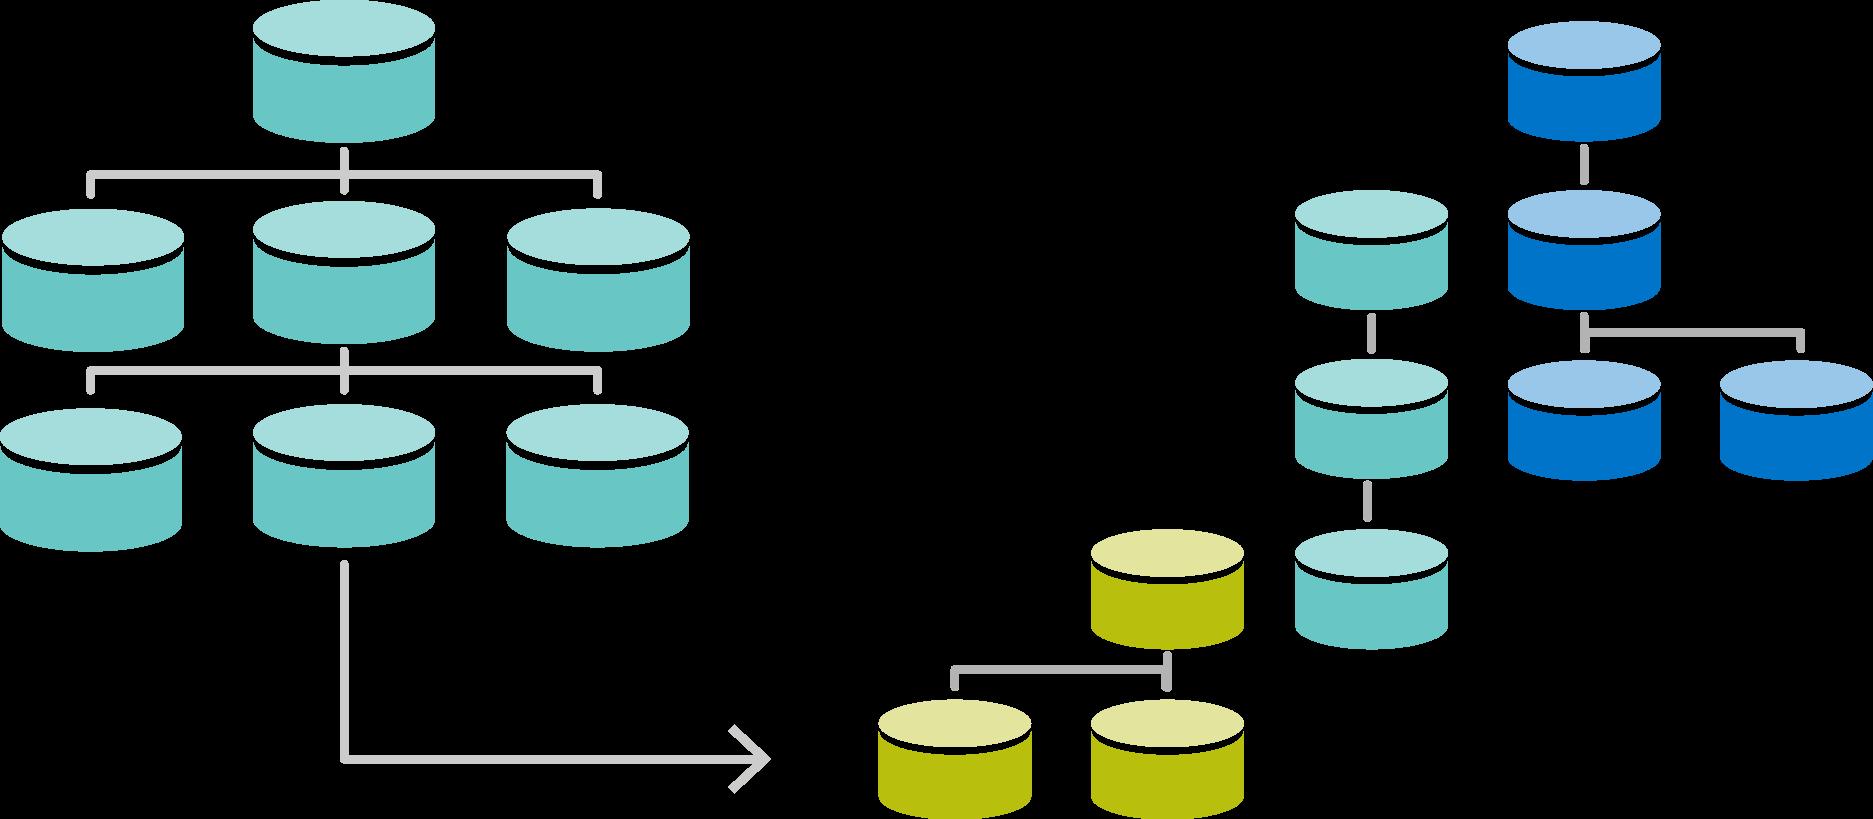 xDatatest Chart